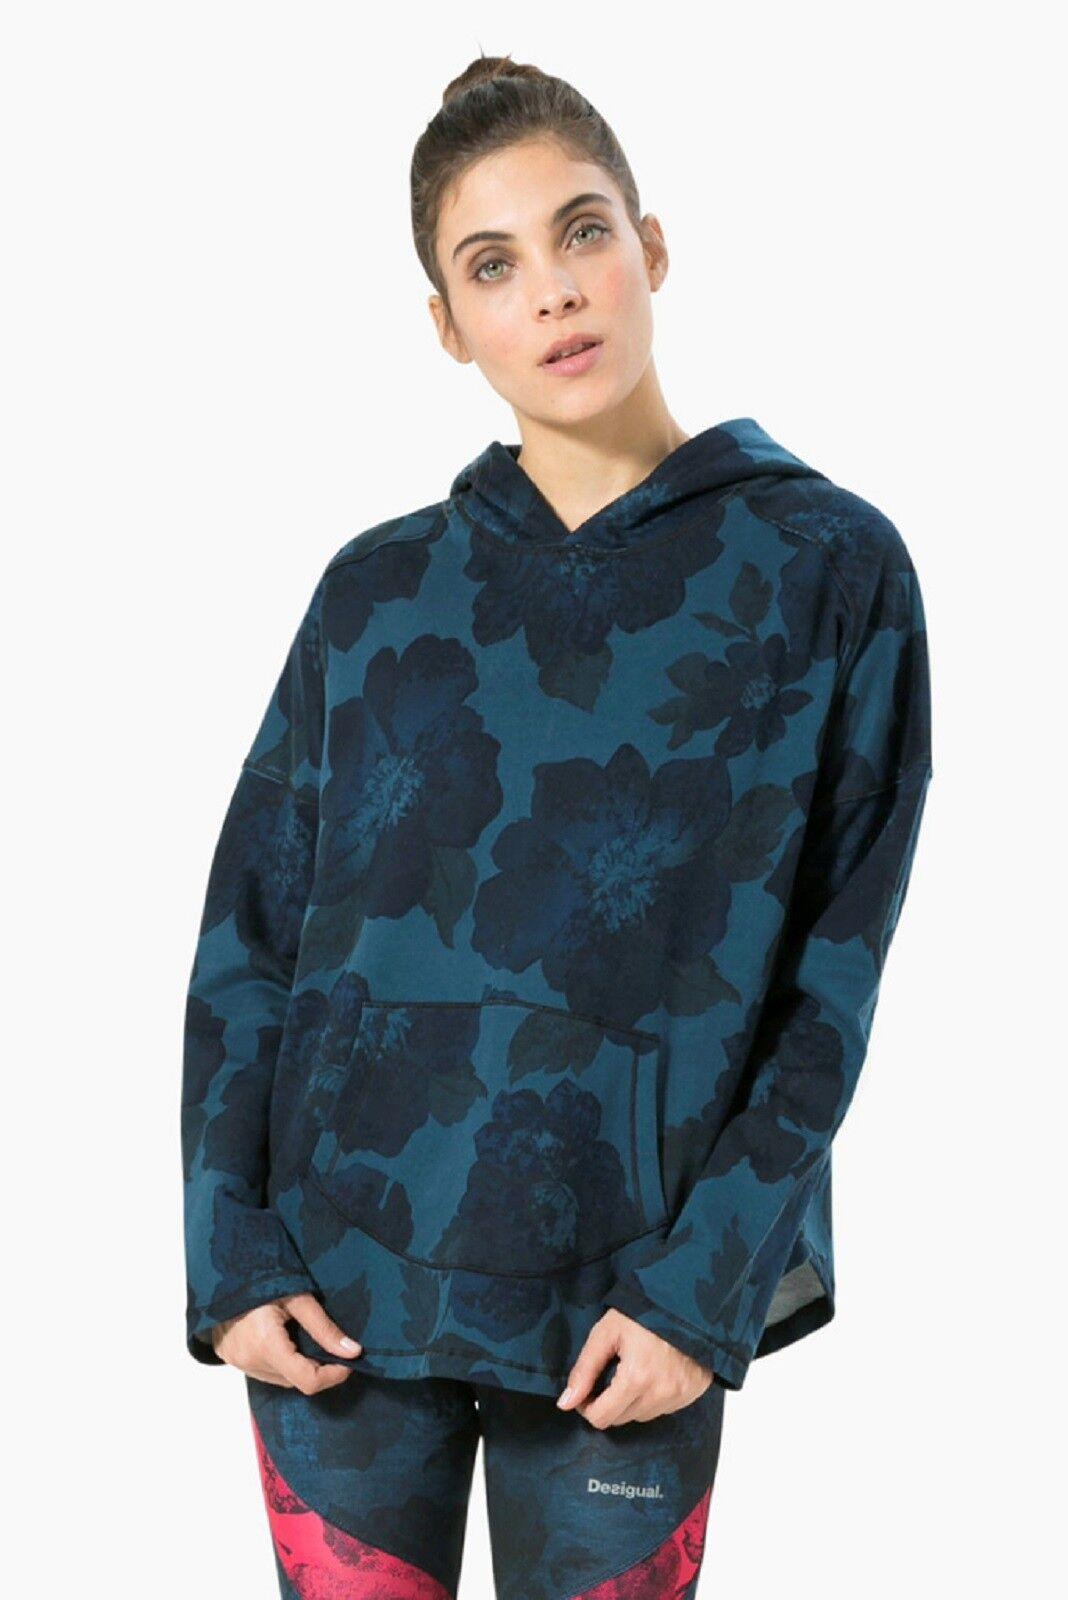 DESIGUAL Sport Kapuzen Sweatshirt SWEAT_HOODIE OVERGröße DENIM  blau blau blau  H W     | Online-Exportgeschäft  | Moderater Preis  | Bekannt für seine schöne Qualität  53b525